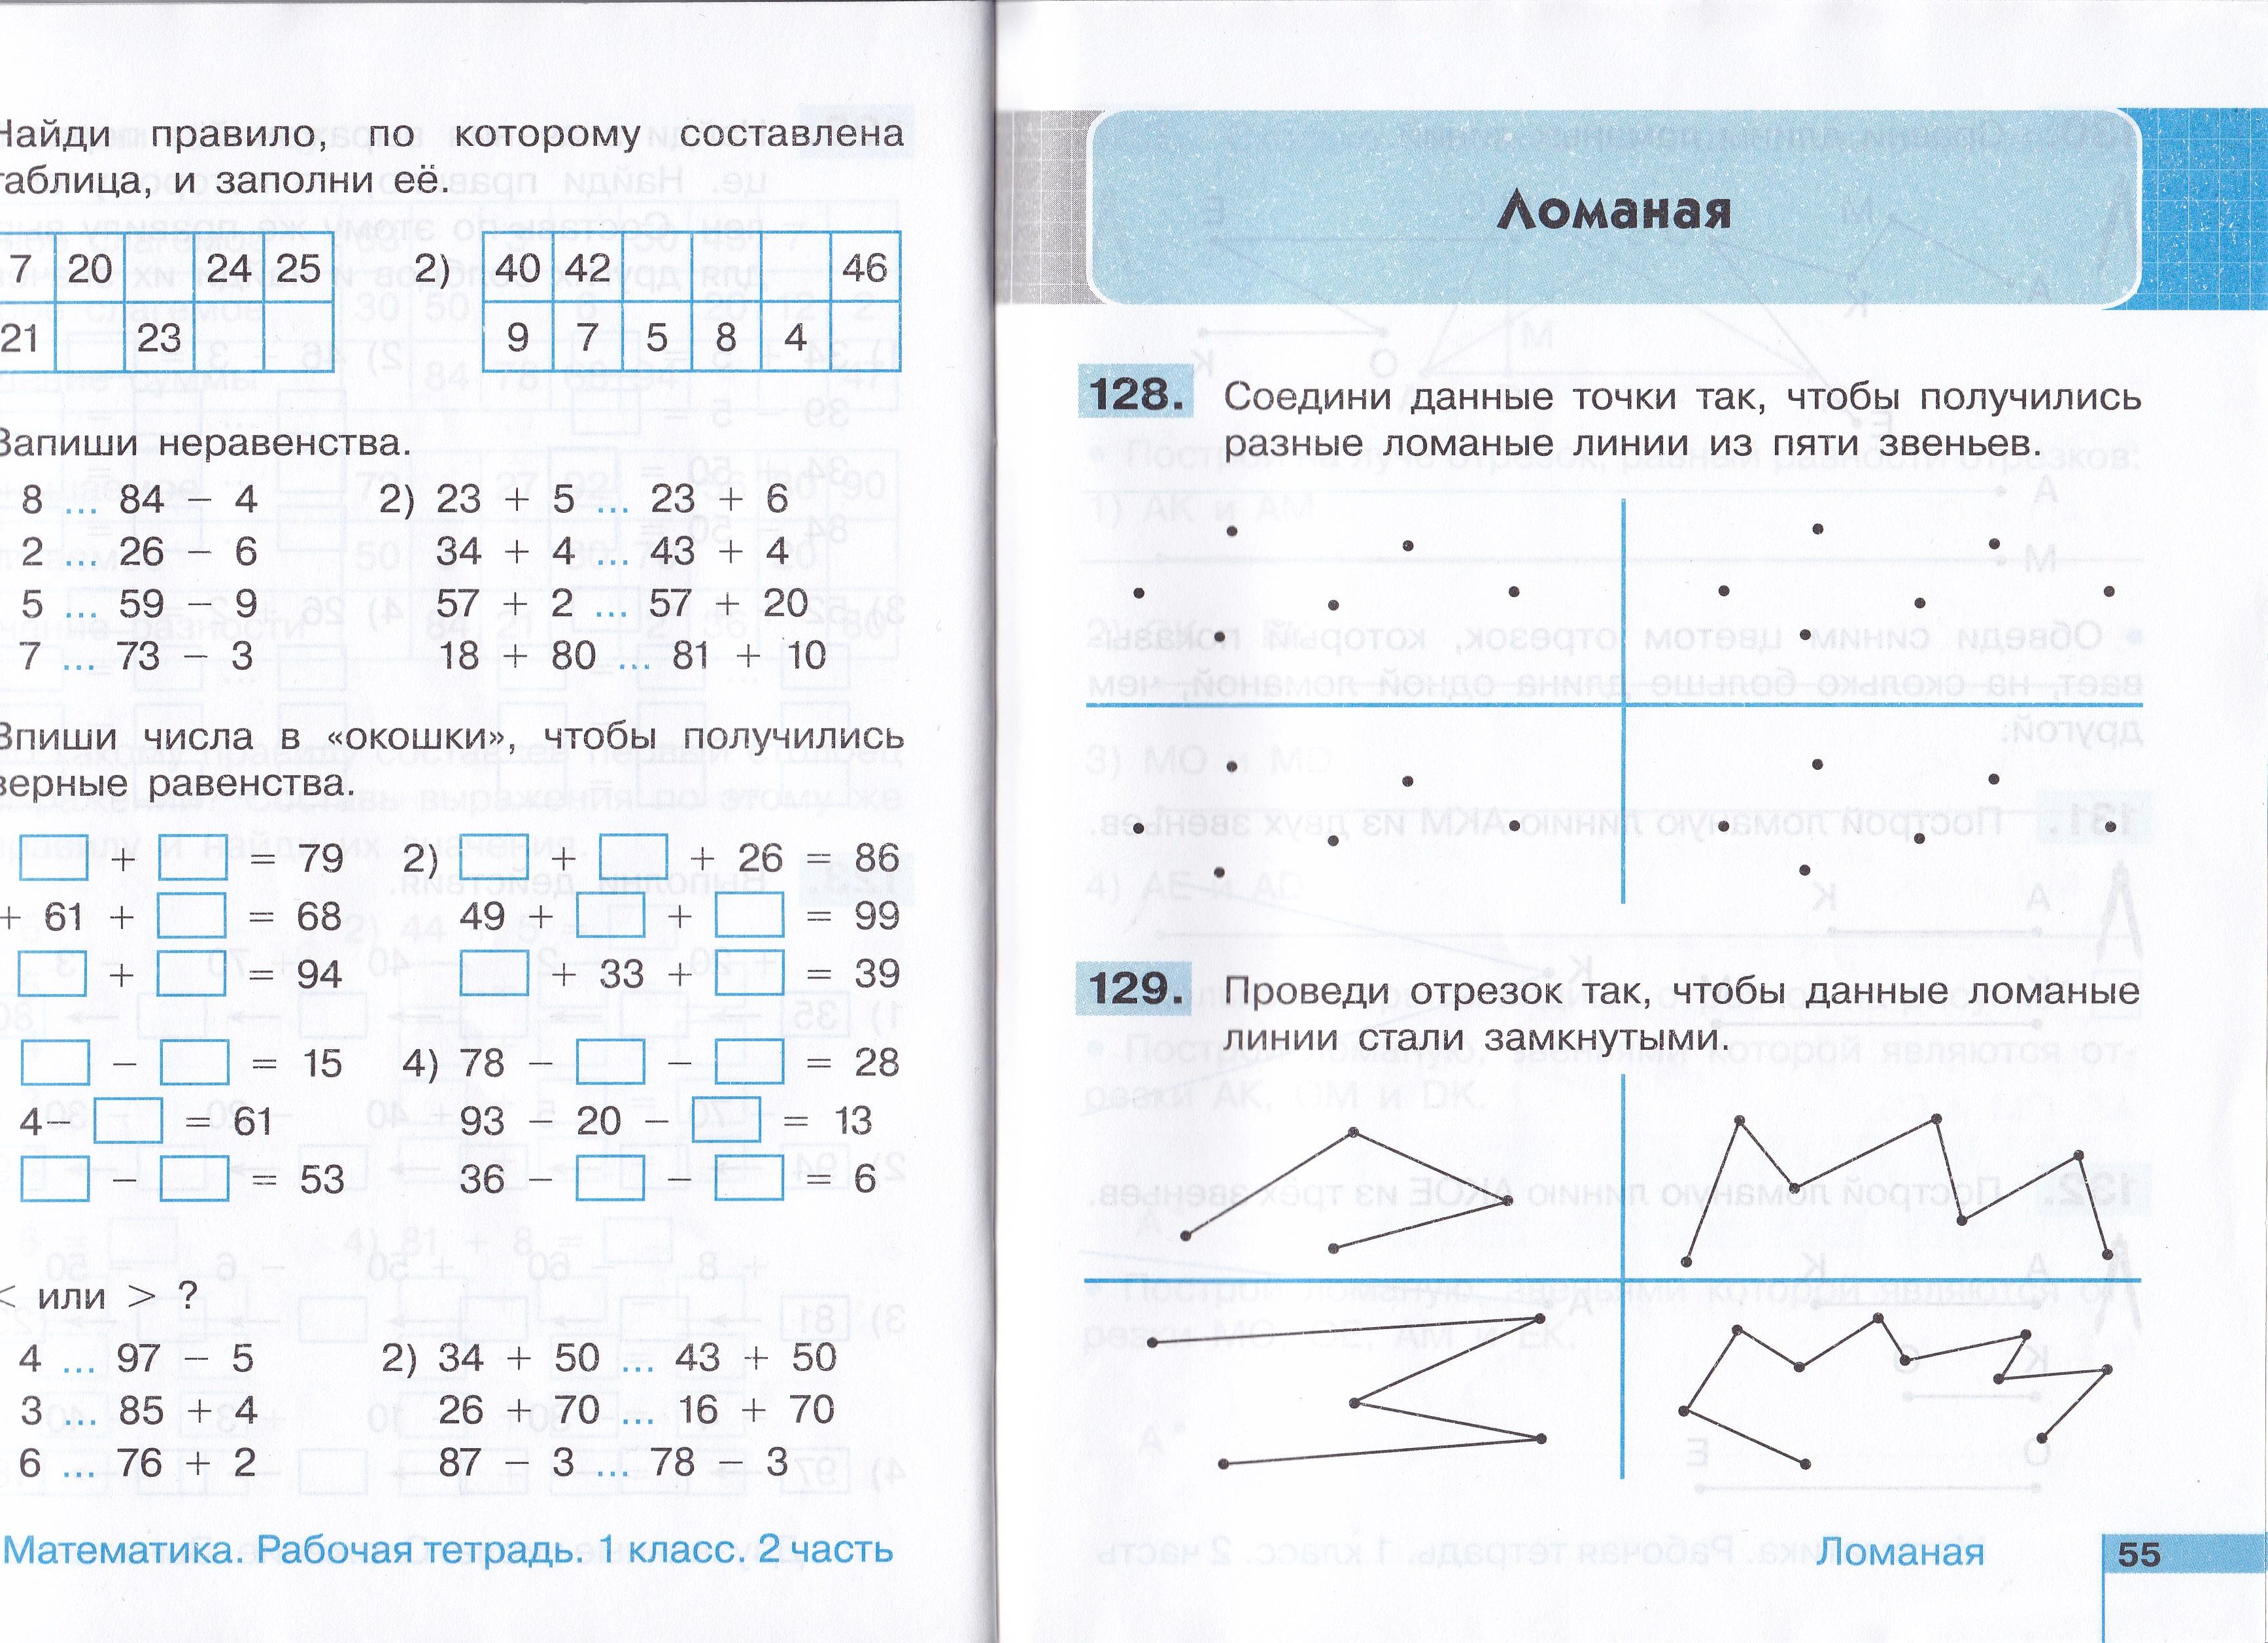 Конспект урока на тему прямая кривая ломанная.3 класс